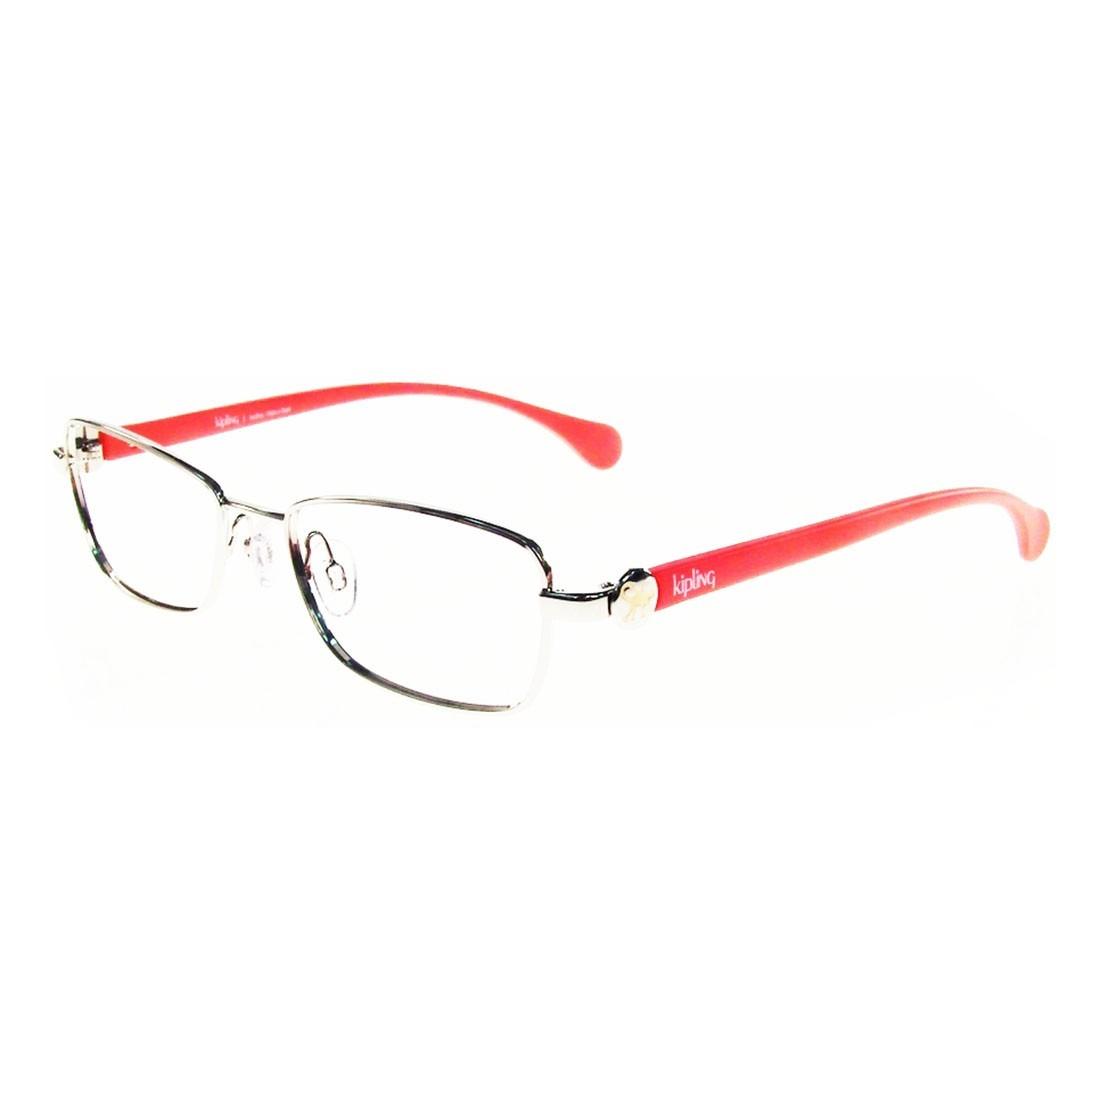 a55f6e02c Kipling Kp1088 Óculos De Grau - R$ 183,35 em Mercado Livre